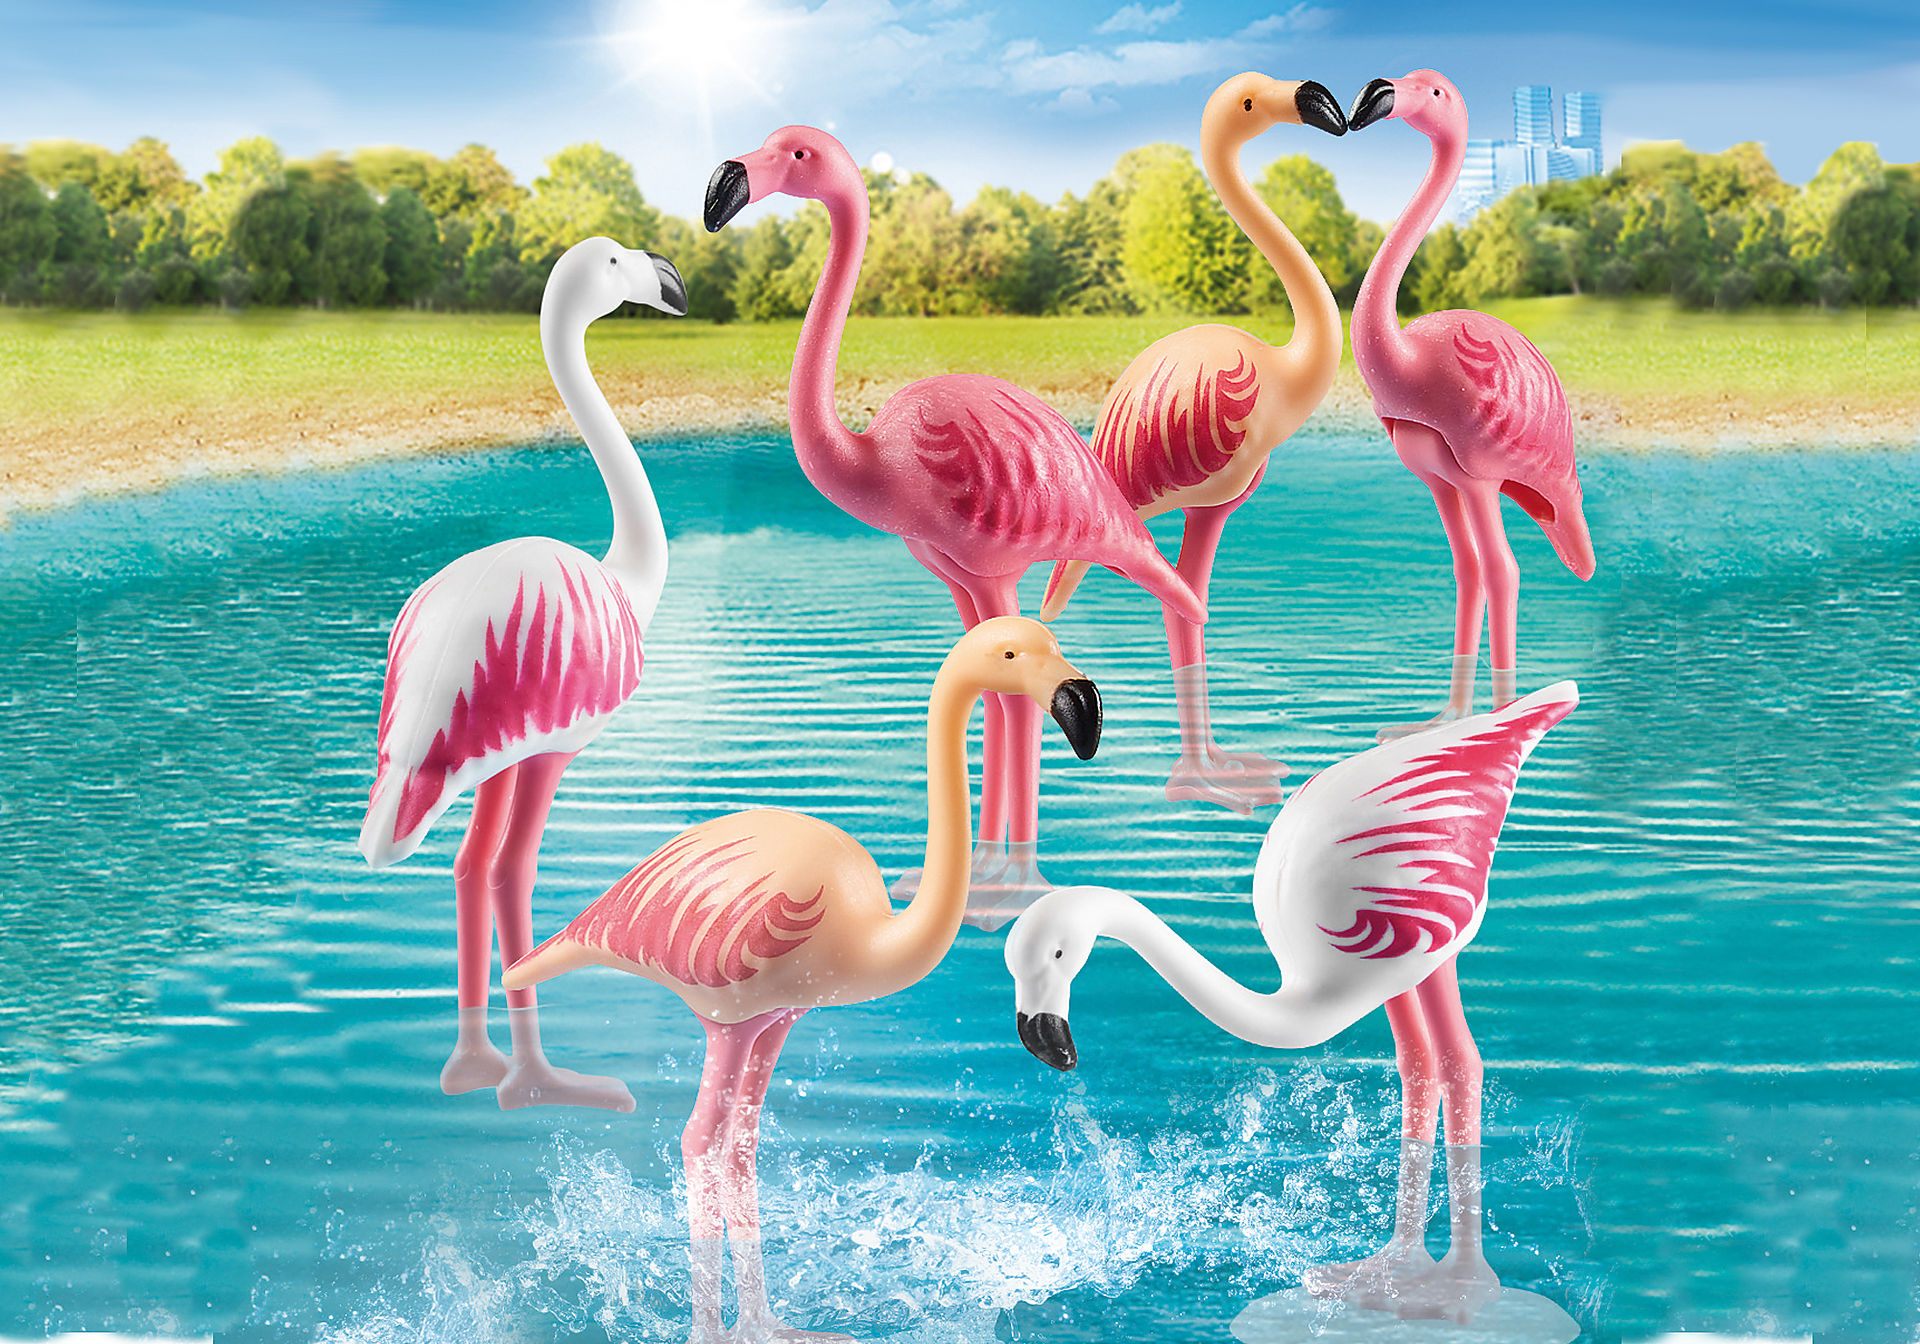 70351 Bando de flamingos zoom image1